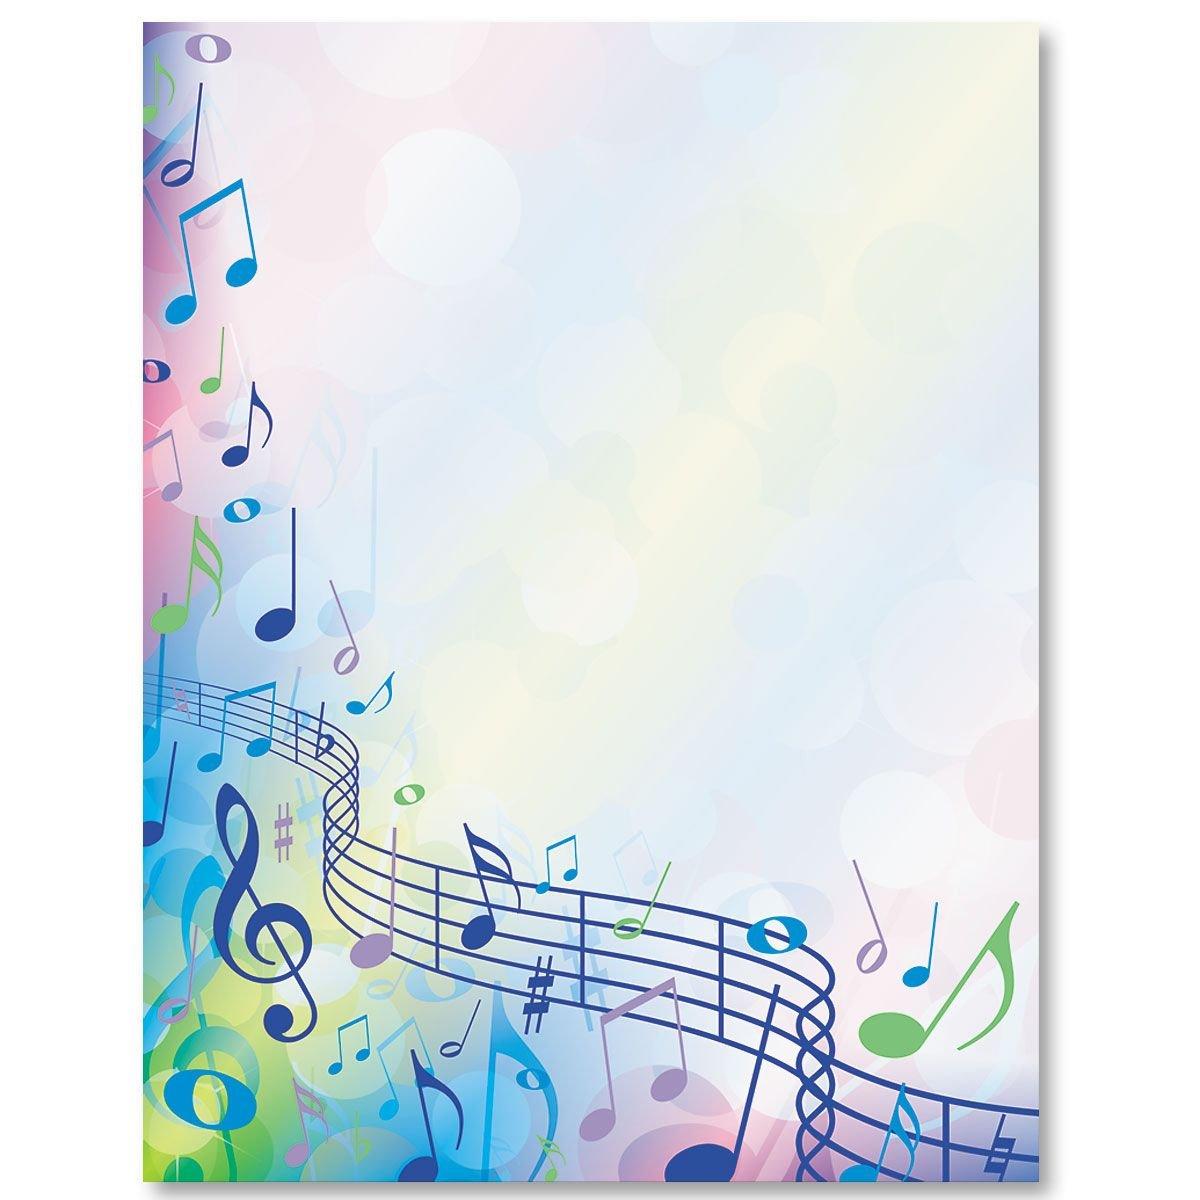 фон для открытки ноты исполнении звезды свела